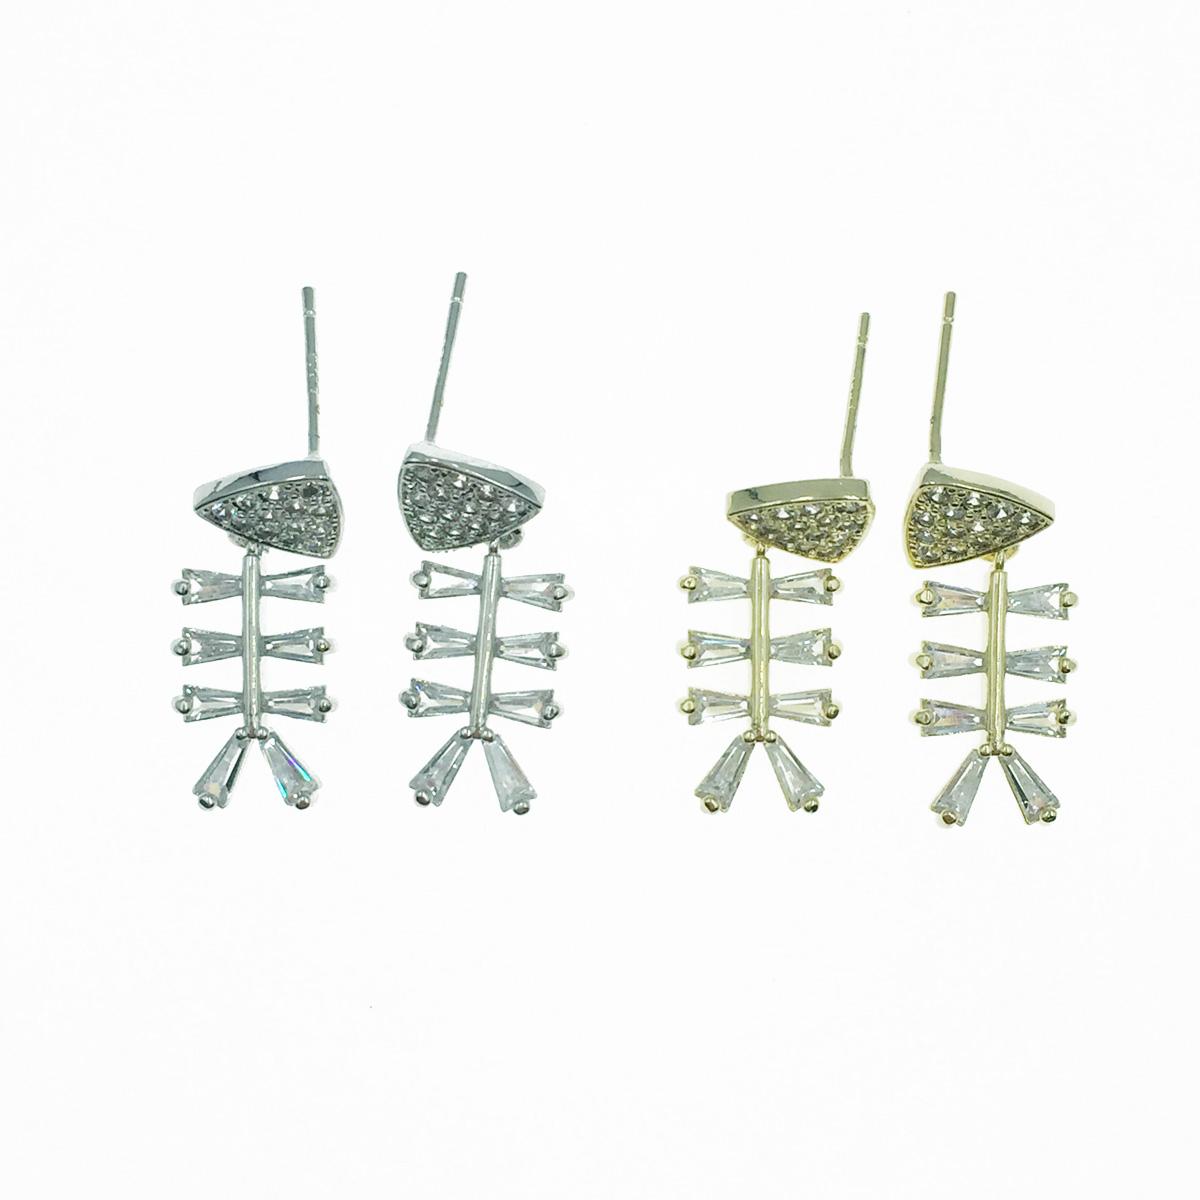 韓國 925純銀 魚 魚骨造型 水鑽 金銀2色 垂墜感 耳針式耳環